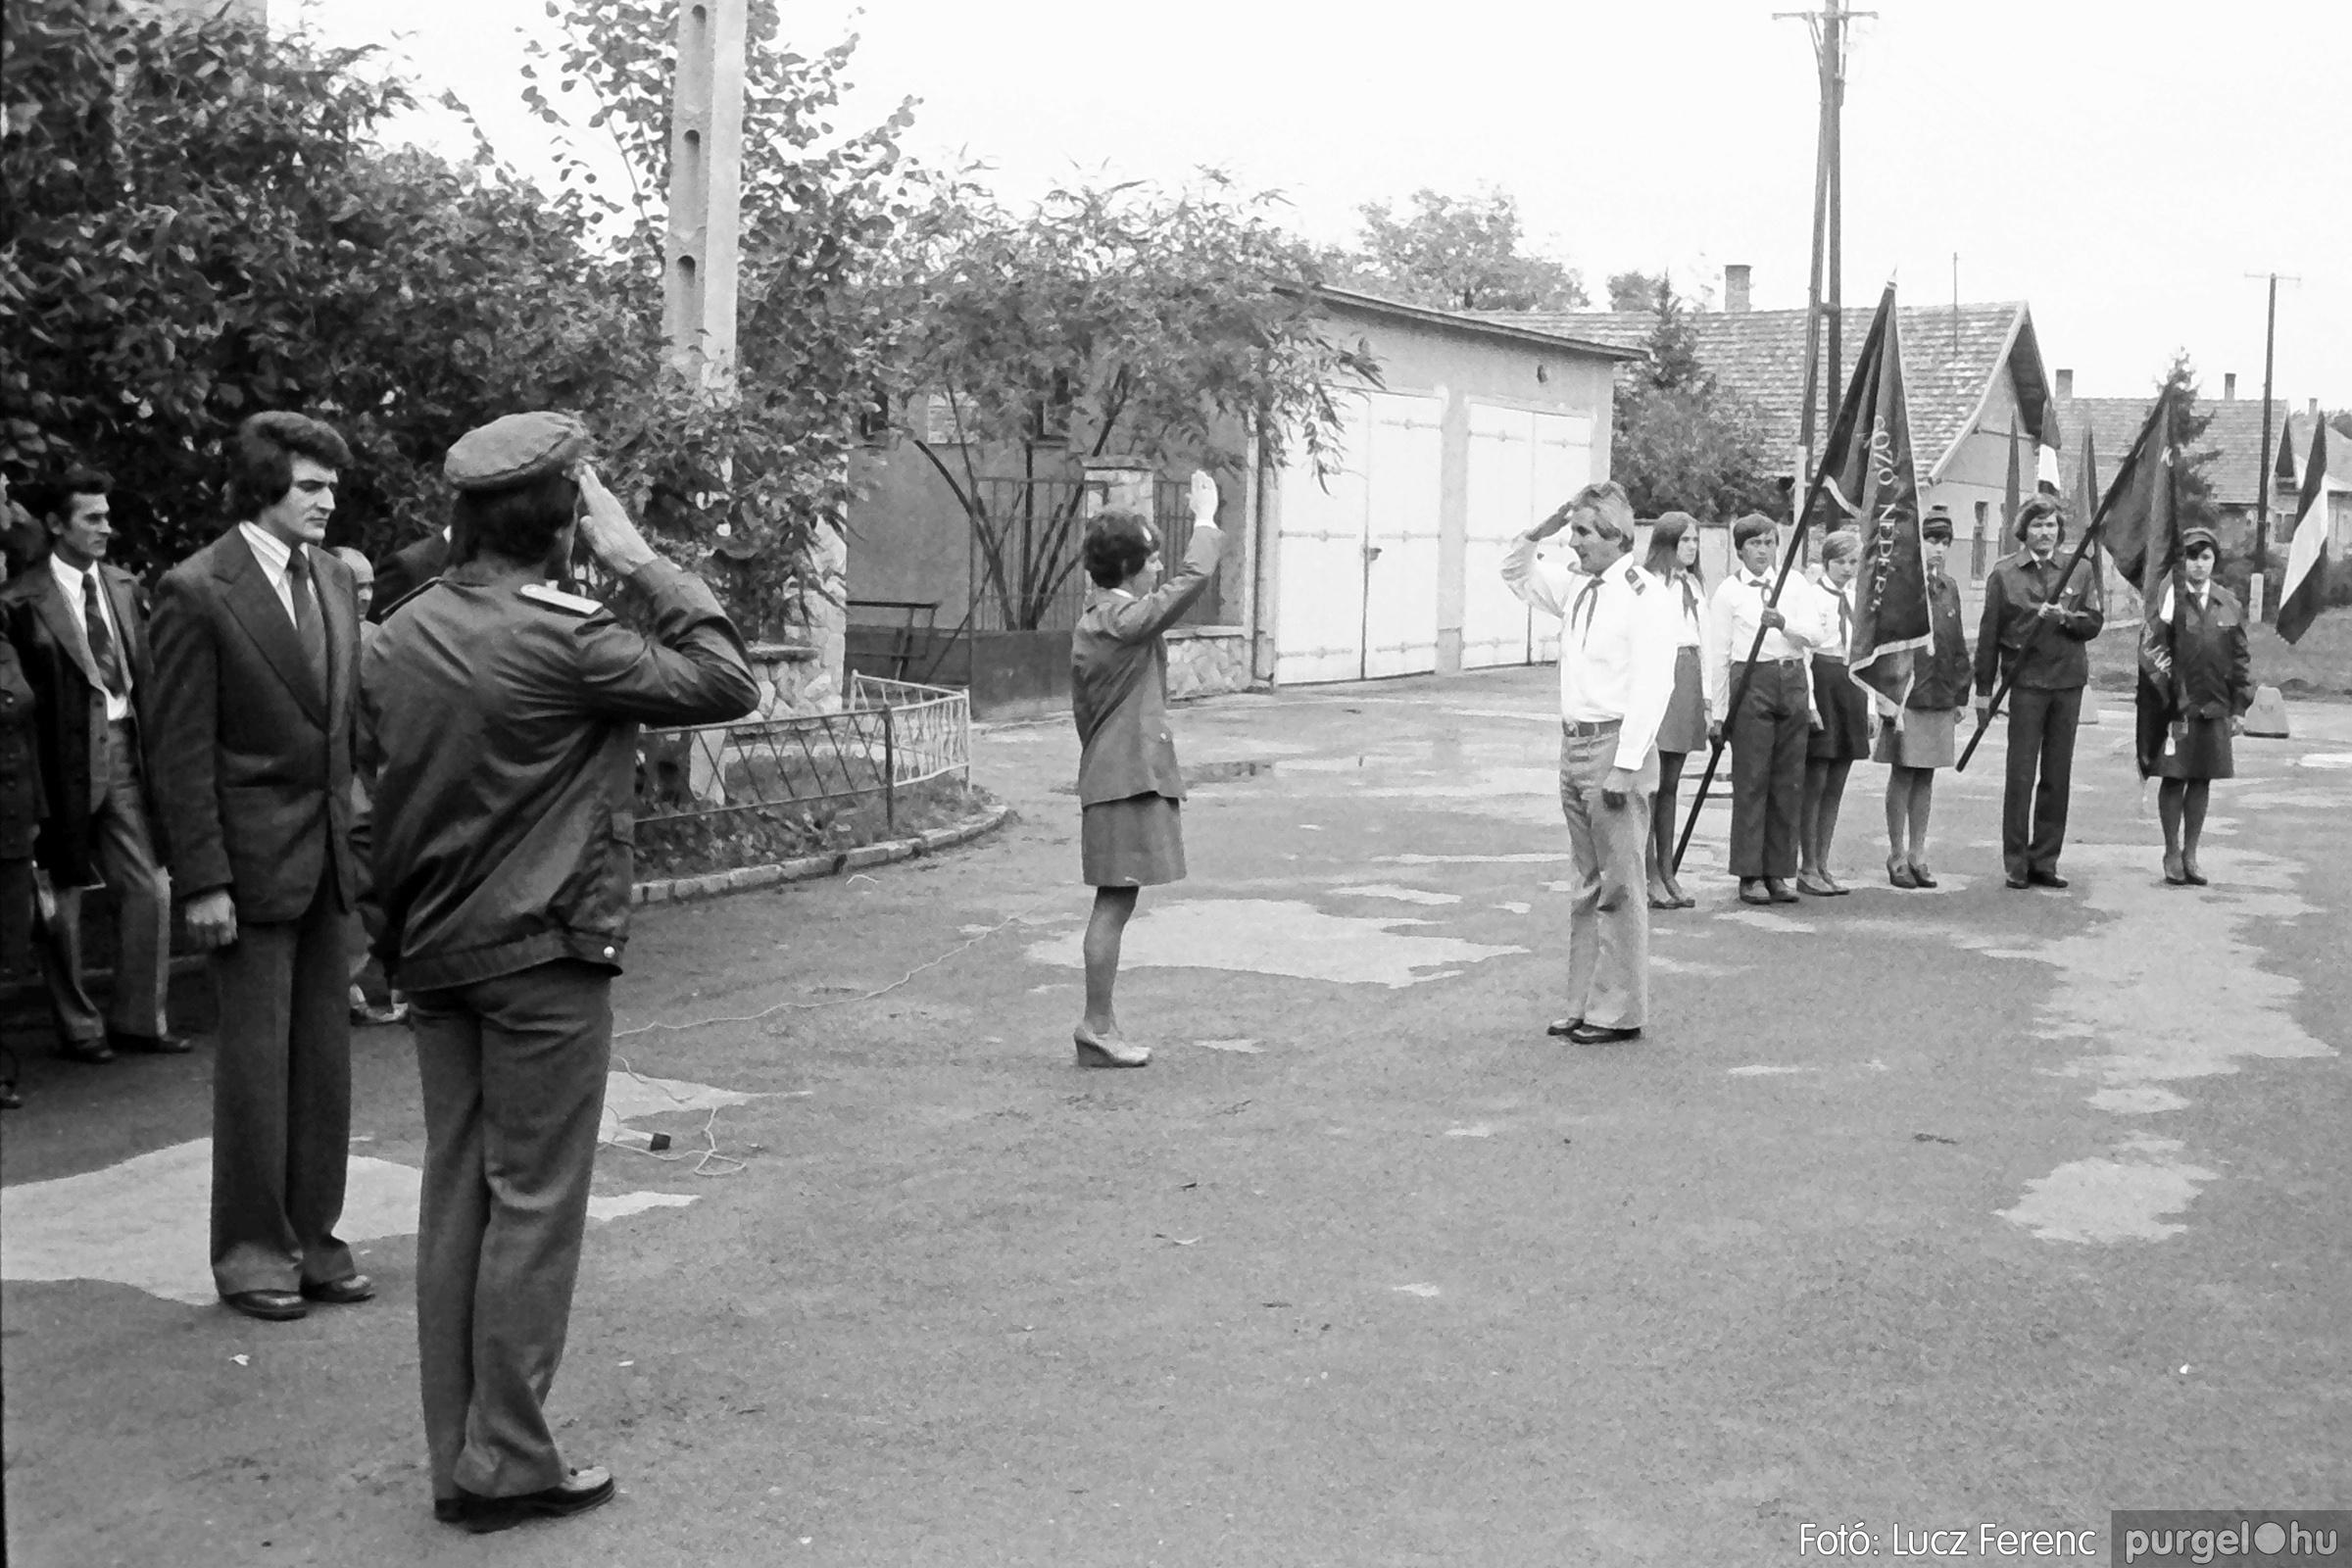 090. 1977. Úttörő gárda - ifjú gárda seregszemle 016. - Fotó: Lucz Ferenc.jpg